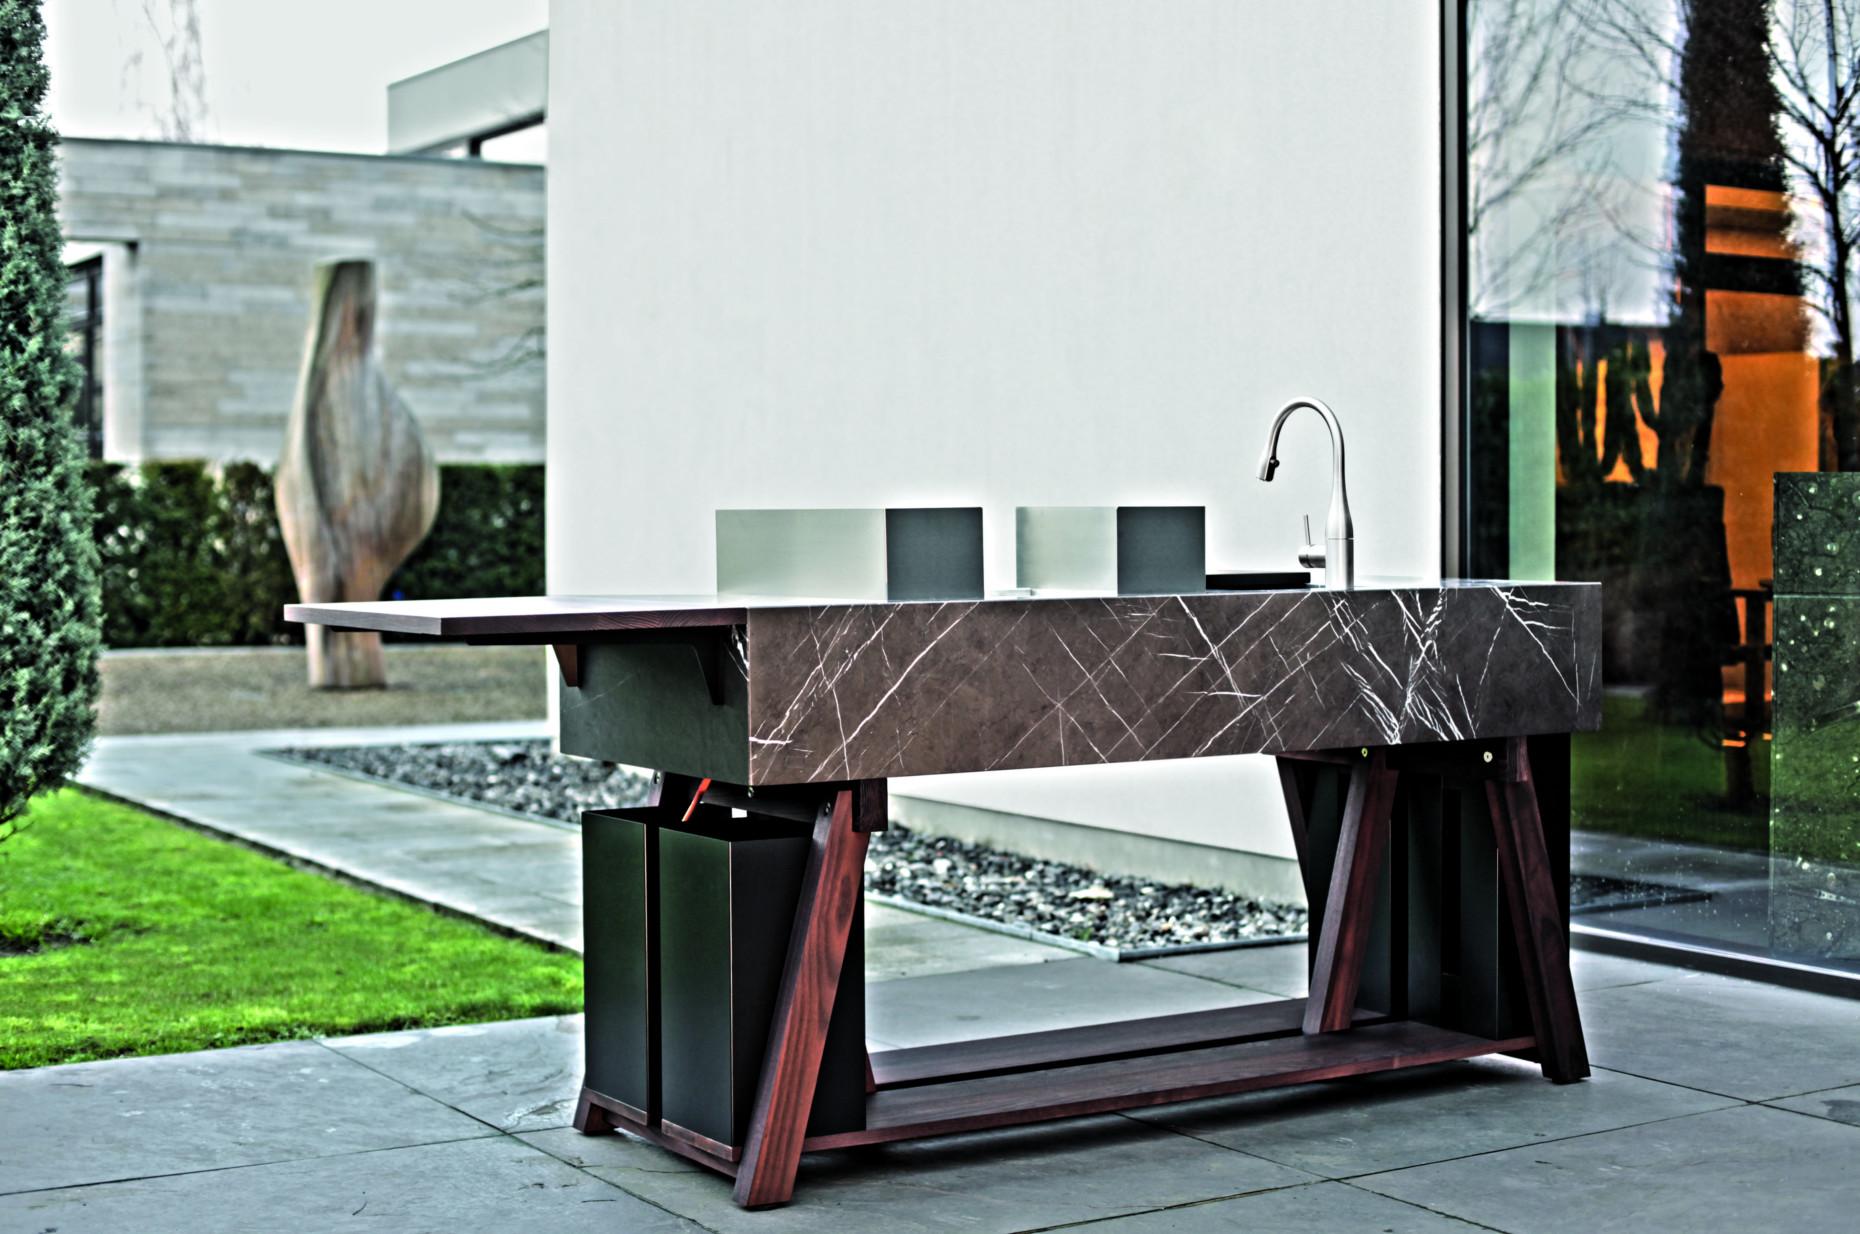 Platte Für Außenküche : Bildergalerie außenküchen stylepark